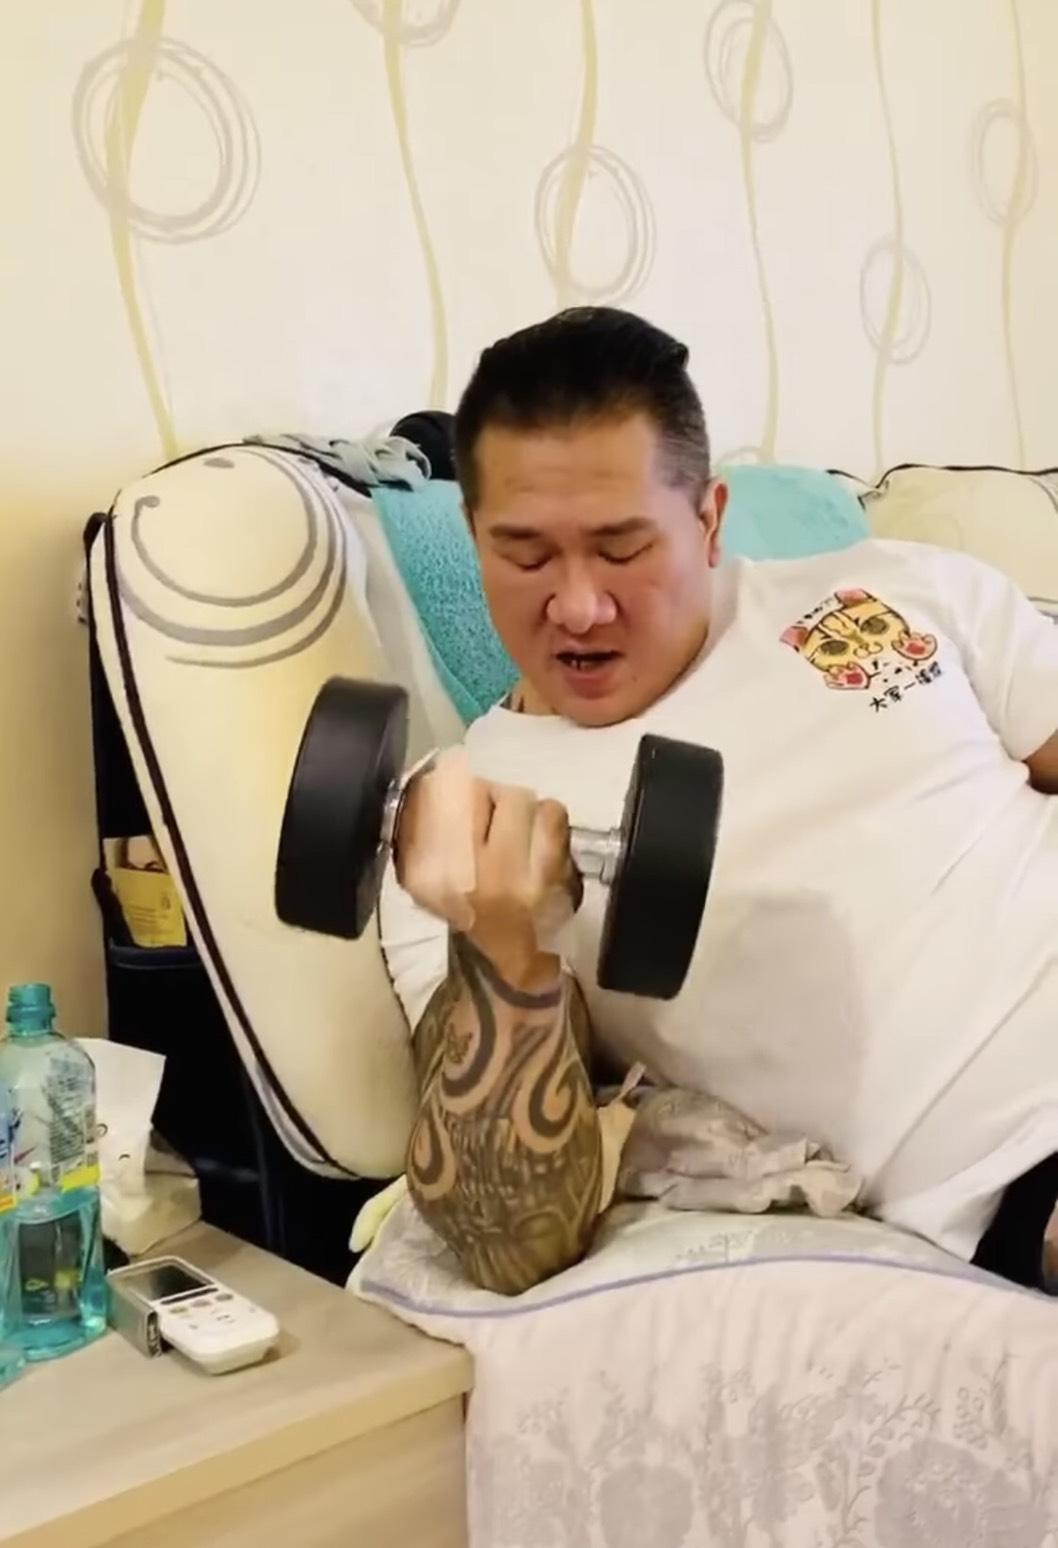 日前館長也十分努力復健,常常在網路上PO出許多健身影片,更盼望自己能早日恢復前水準。而警方經調查後,也逮回「竹聯幫寶和會」多名幹部以及會長審訊。